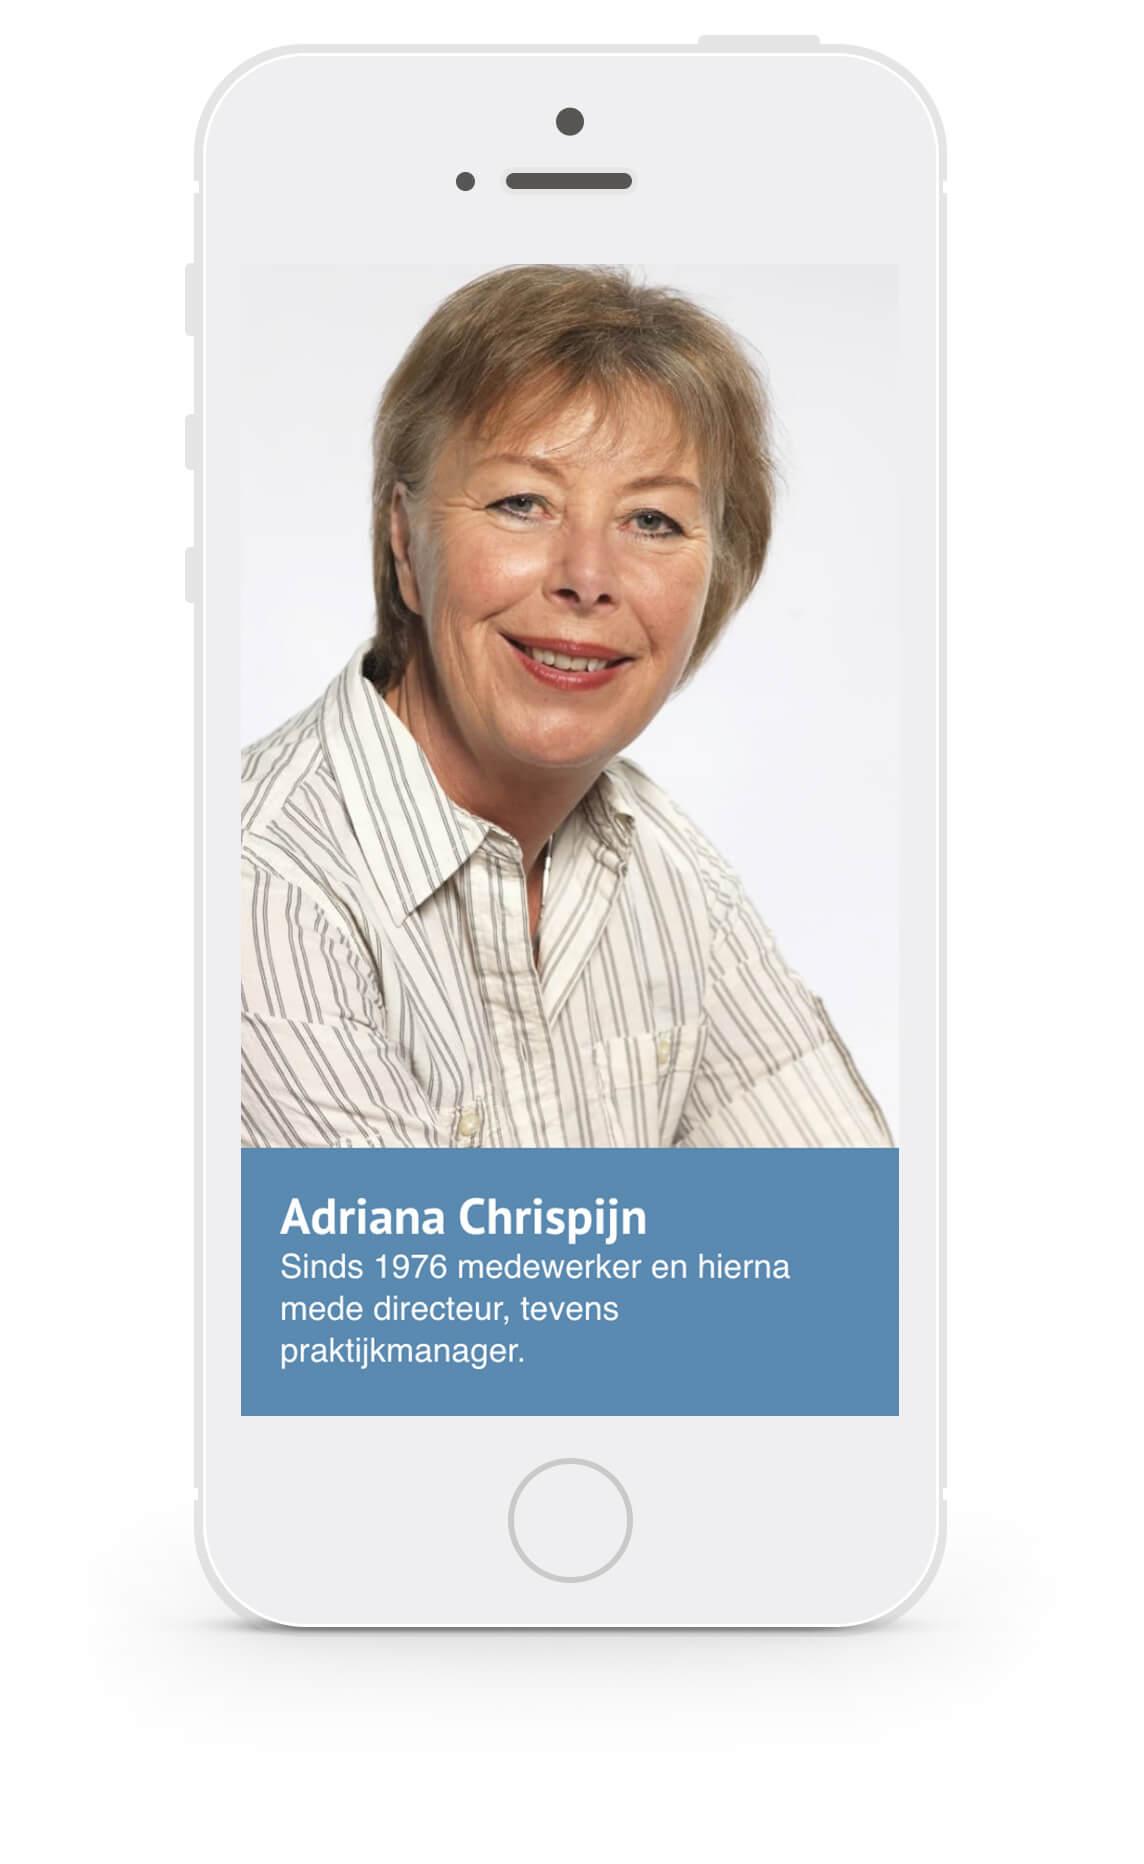 chrispijn_mobile2.jpg